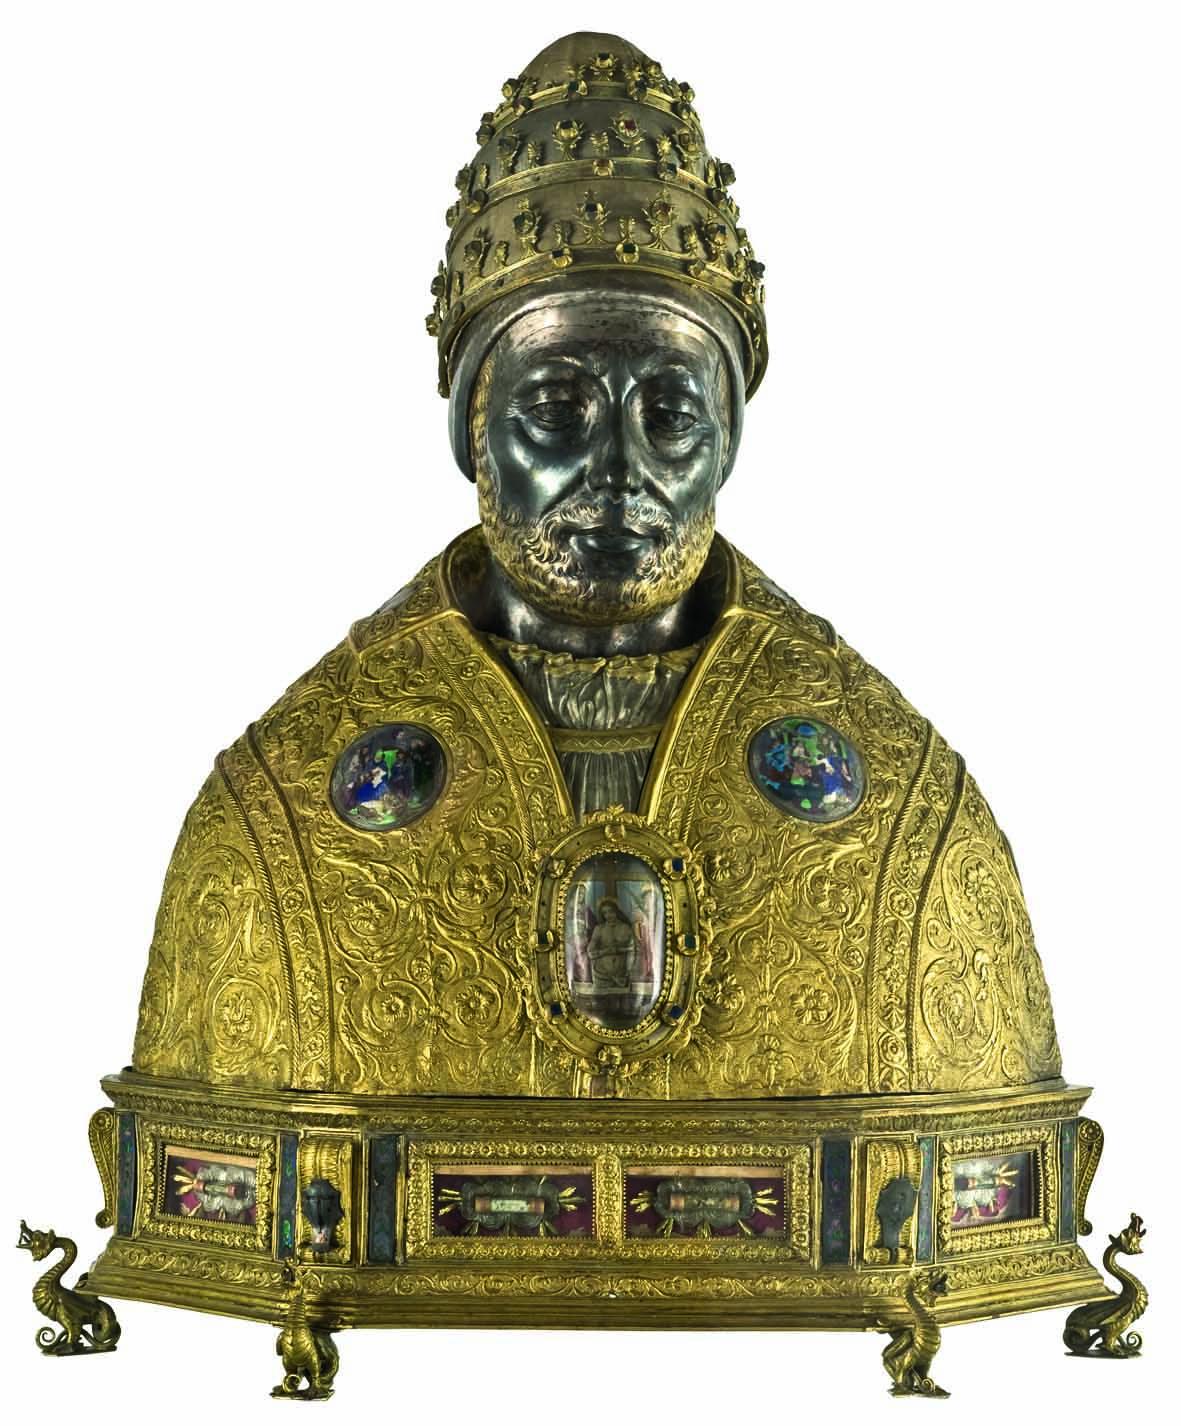 Antonio di Salvi, Reliquiario a busto di san Silvestro papa, 1497